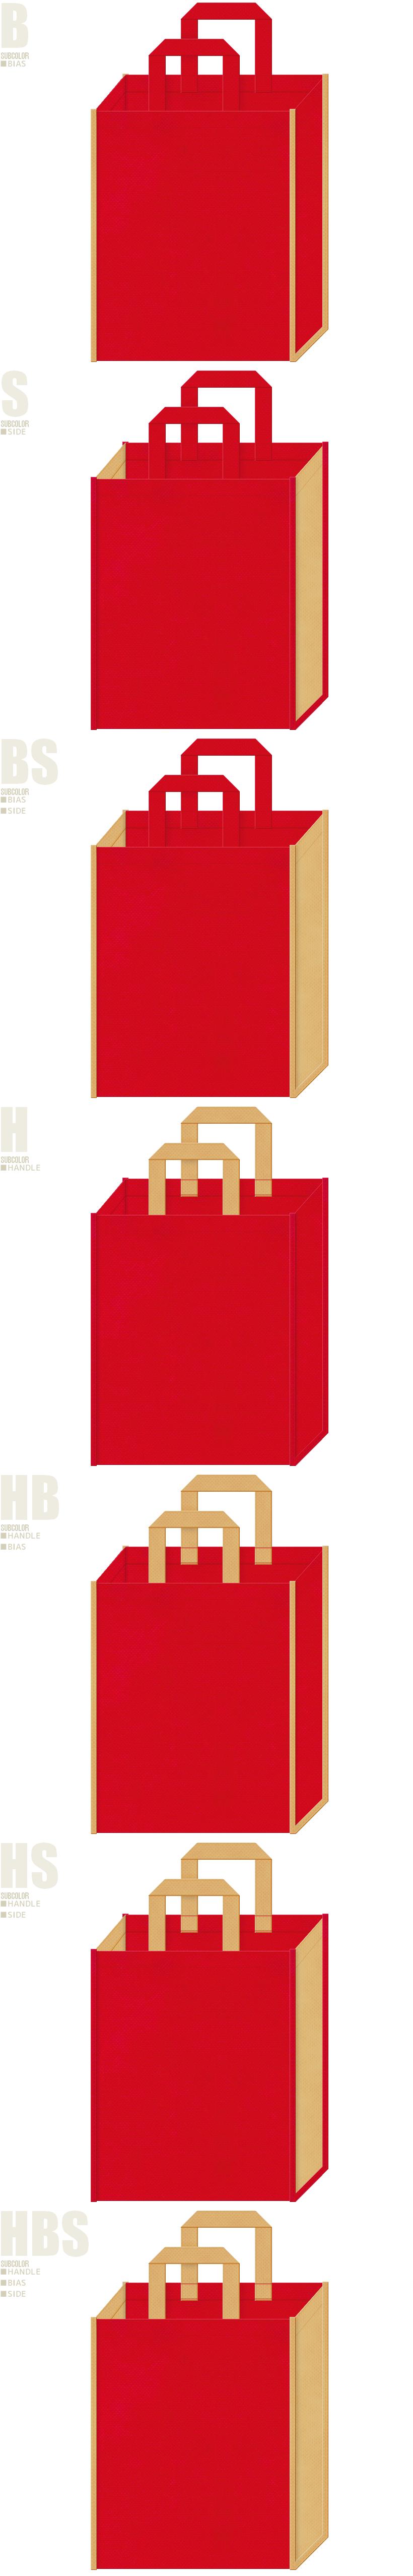 赤鬼・節分・大豆・一合枡・野点傘・茶会・御輿・お祭り・和風催事・福袋にお奨めの不織布バッグデザイン:紅色と薄黄土色の配色7パターン